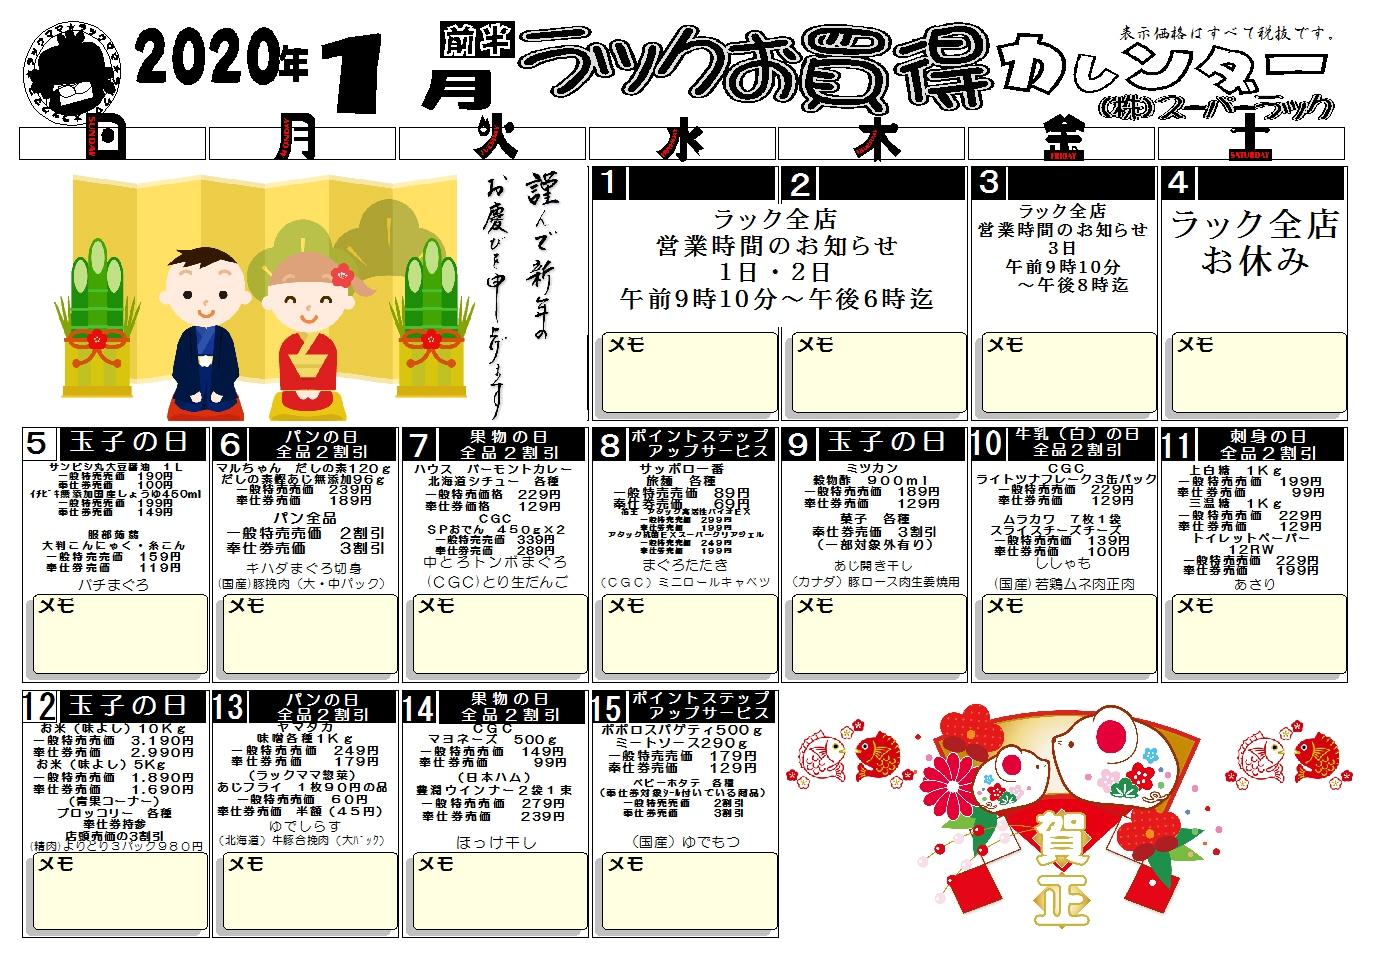 ラックお買い得カレンダー2020年1月前半